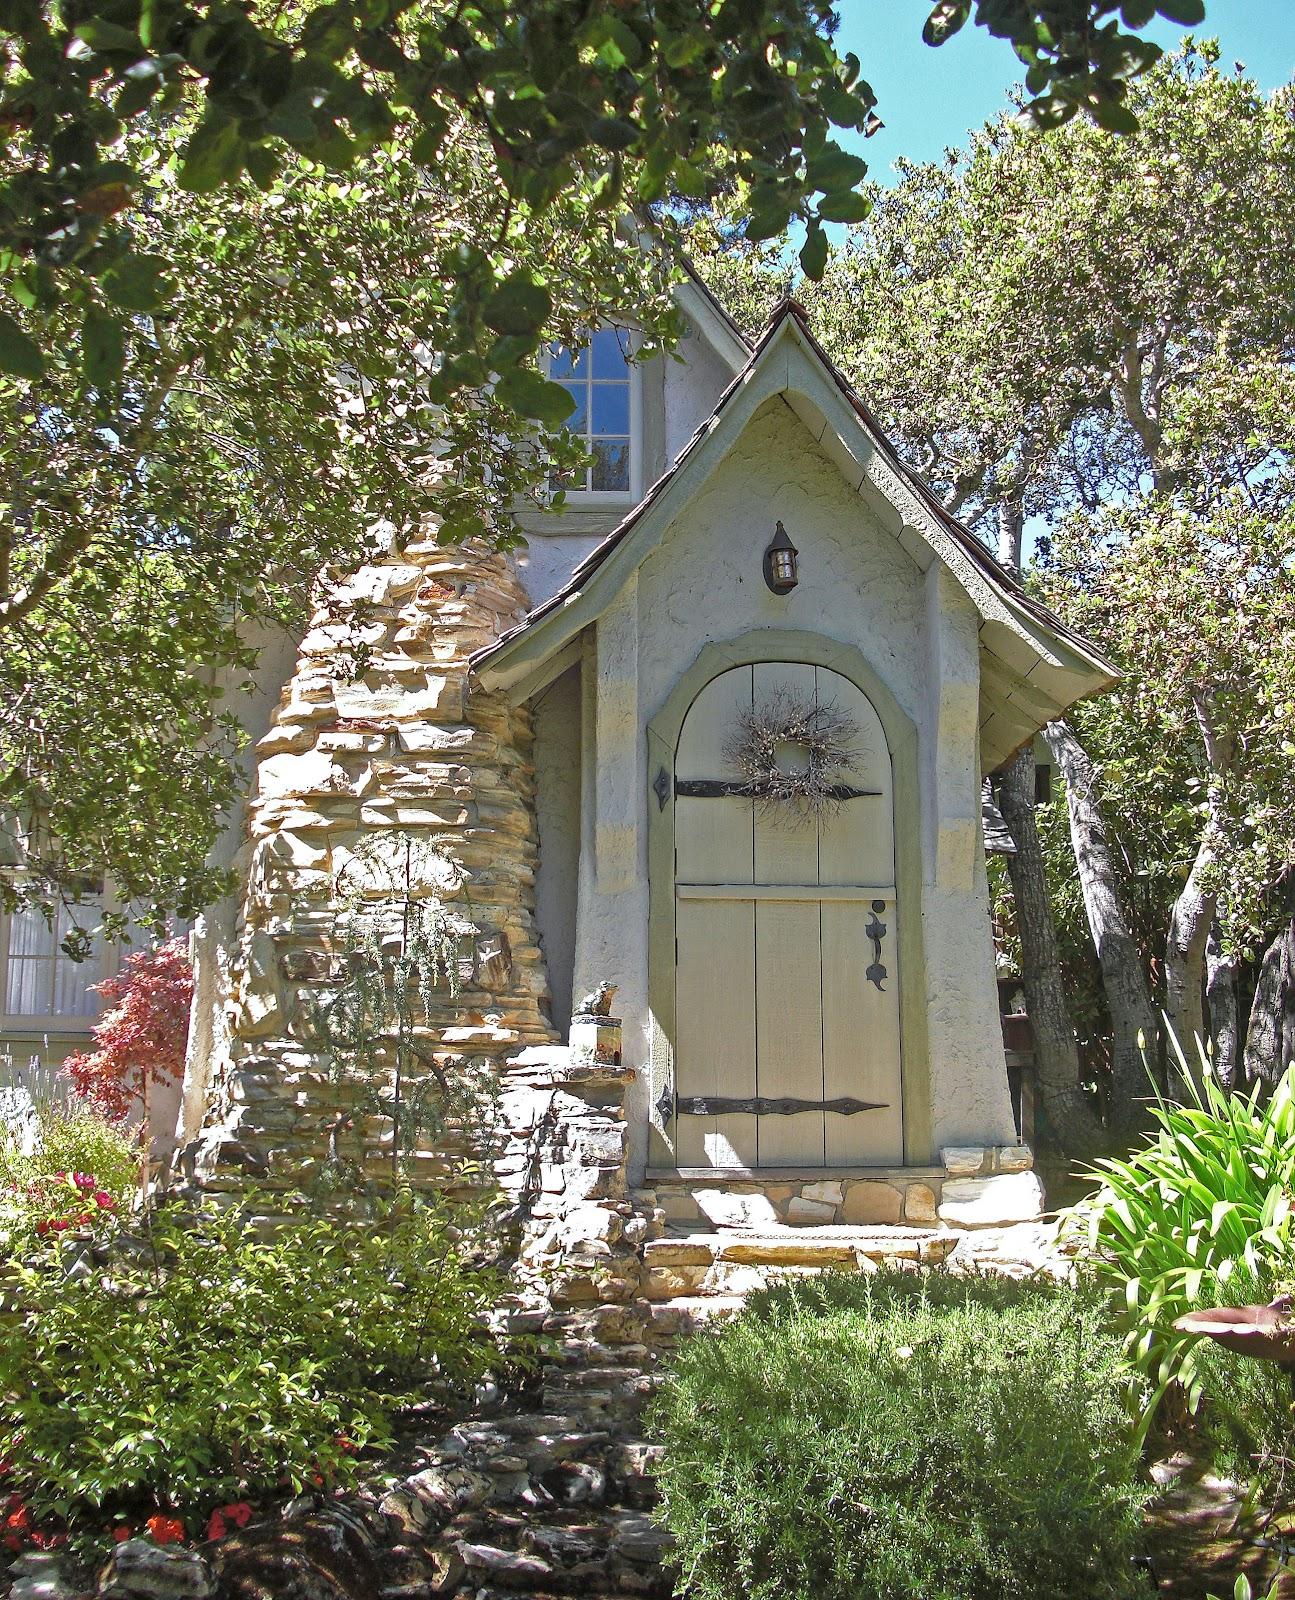 Carmel House And Garden Tour 2012 (Hugh Comstock